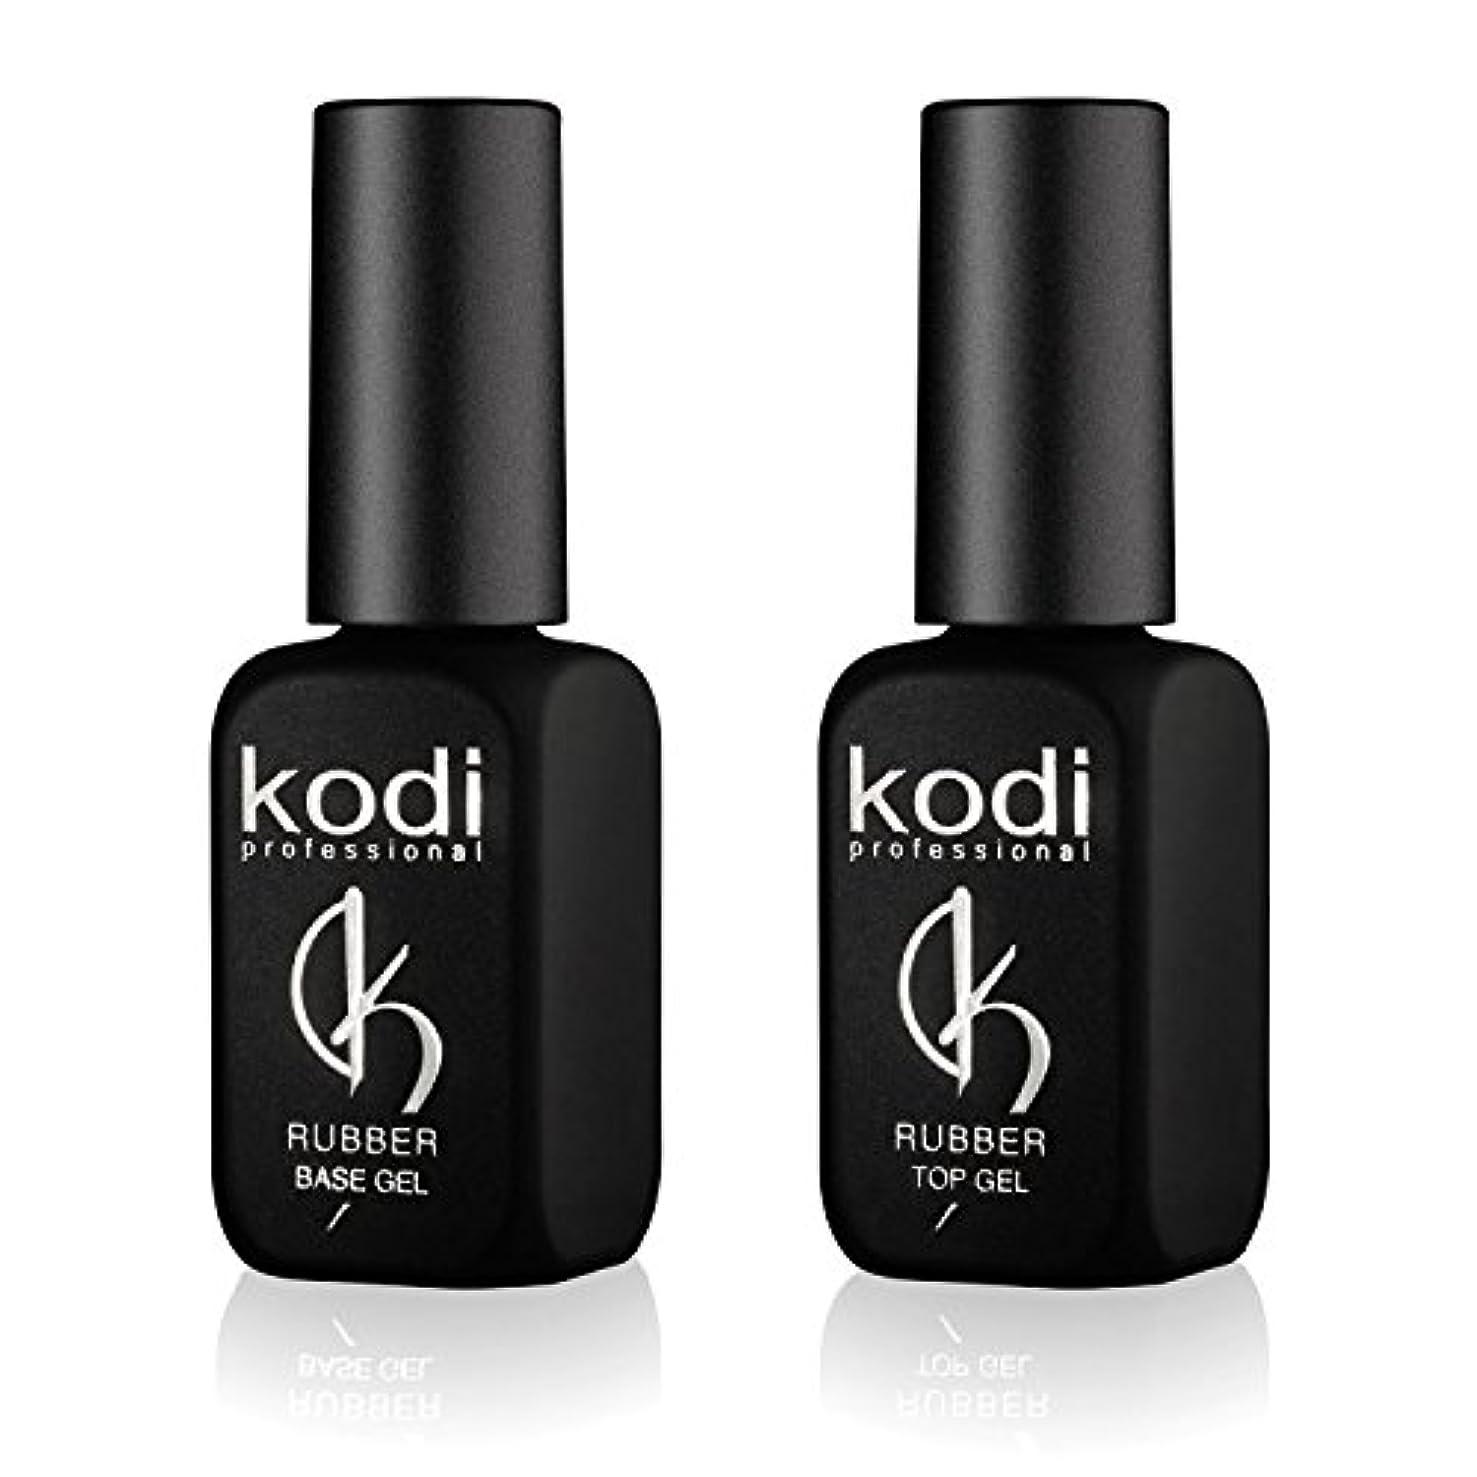 Kodi プロフェッショナルラバートップ&ベースジェルセット  12ml 0.42オンス 爪のソークオフとポリッシュ コートキット 長持ちするネイルレイヤー 使いやすい、無毒&無香料  LEDまたはUVランプの下で硬化